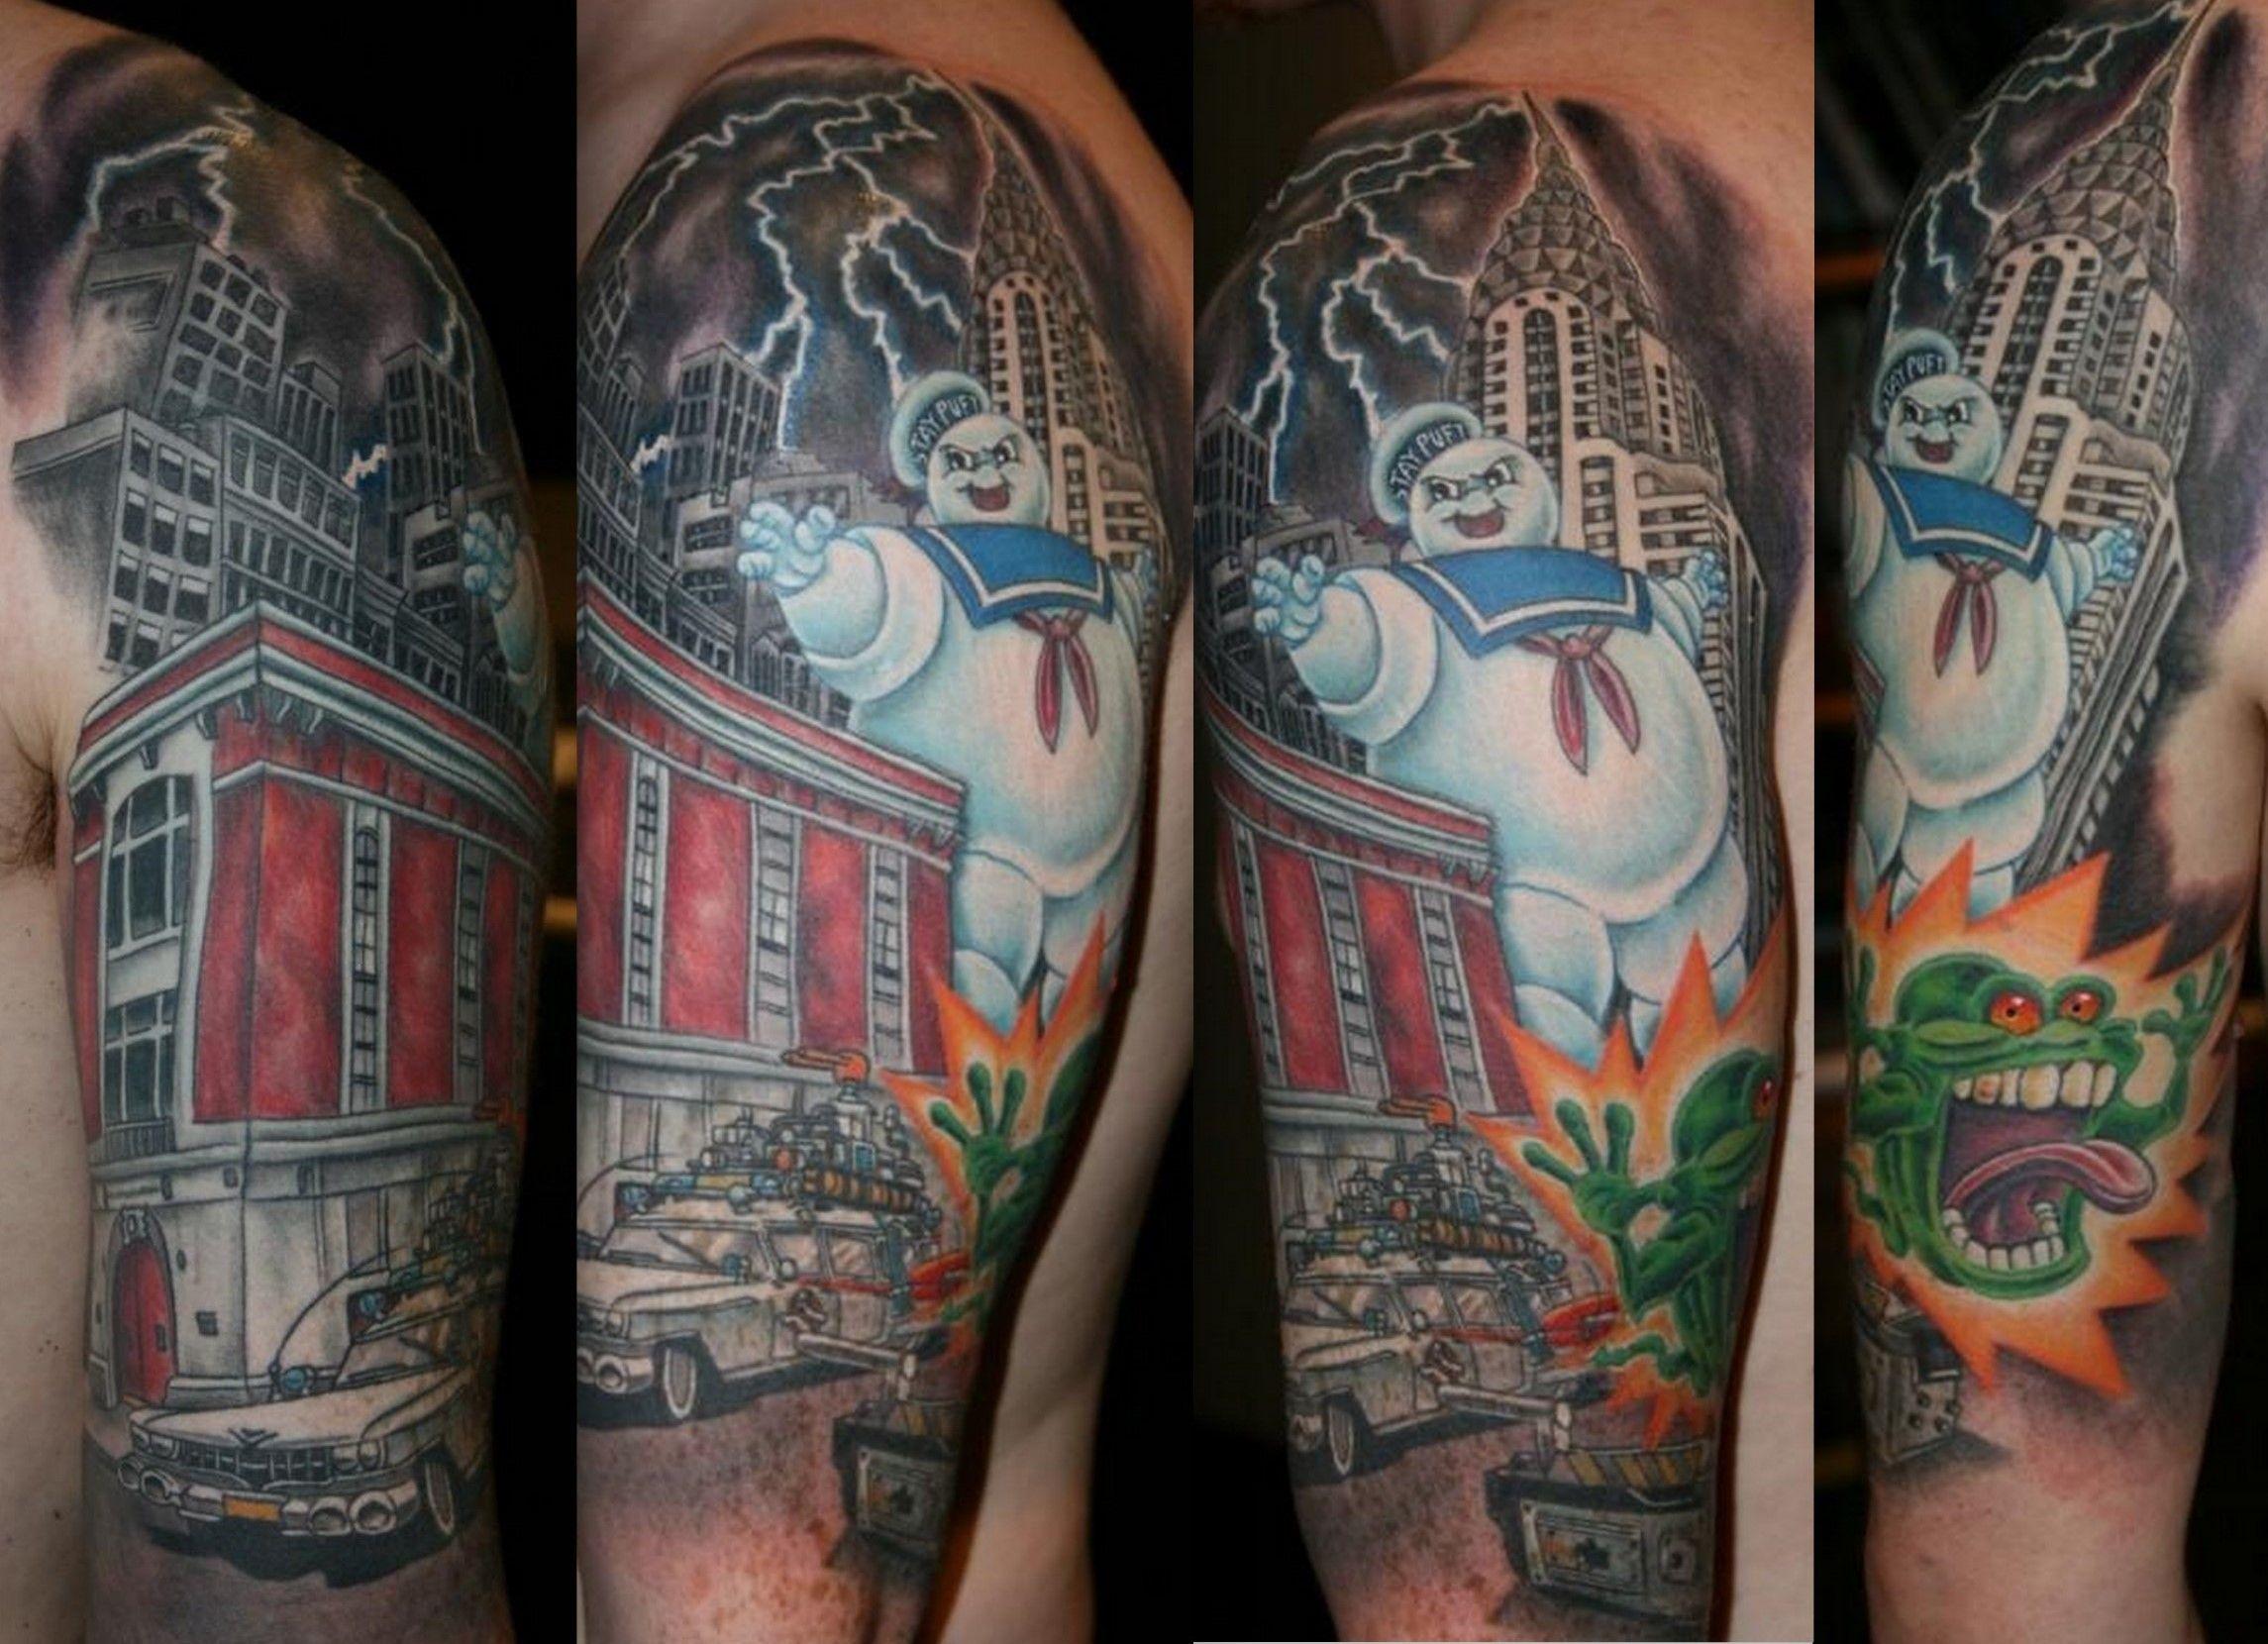 ghostbusters tattoo by Ian Flynn my tattoo portfolio